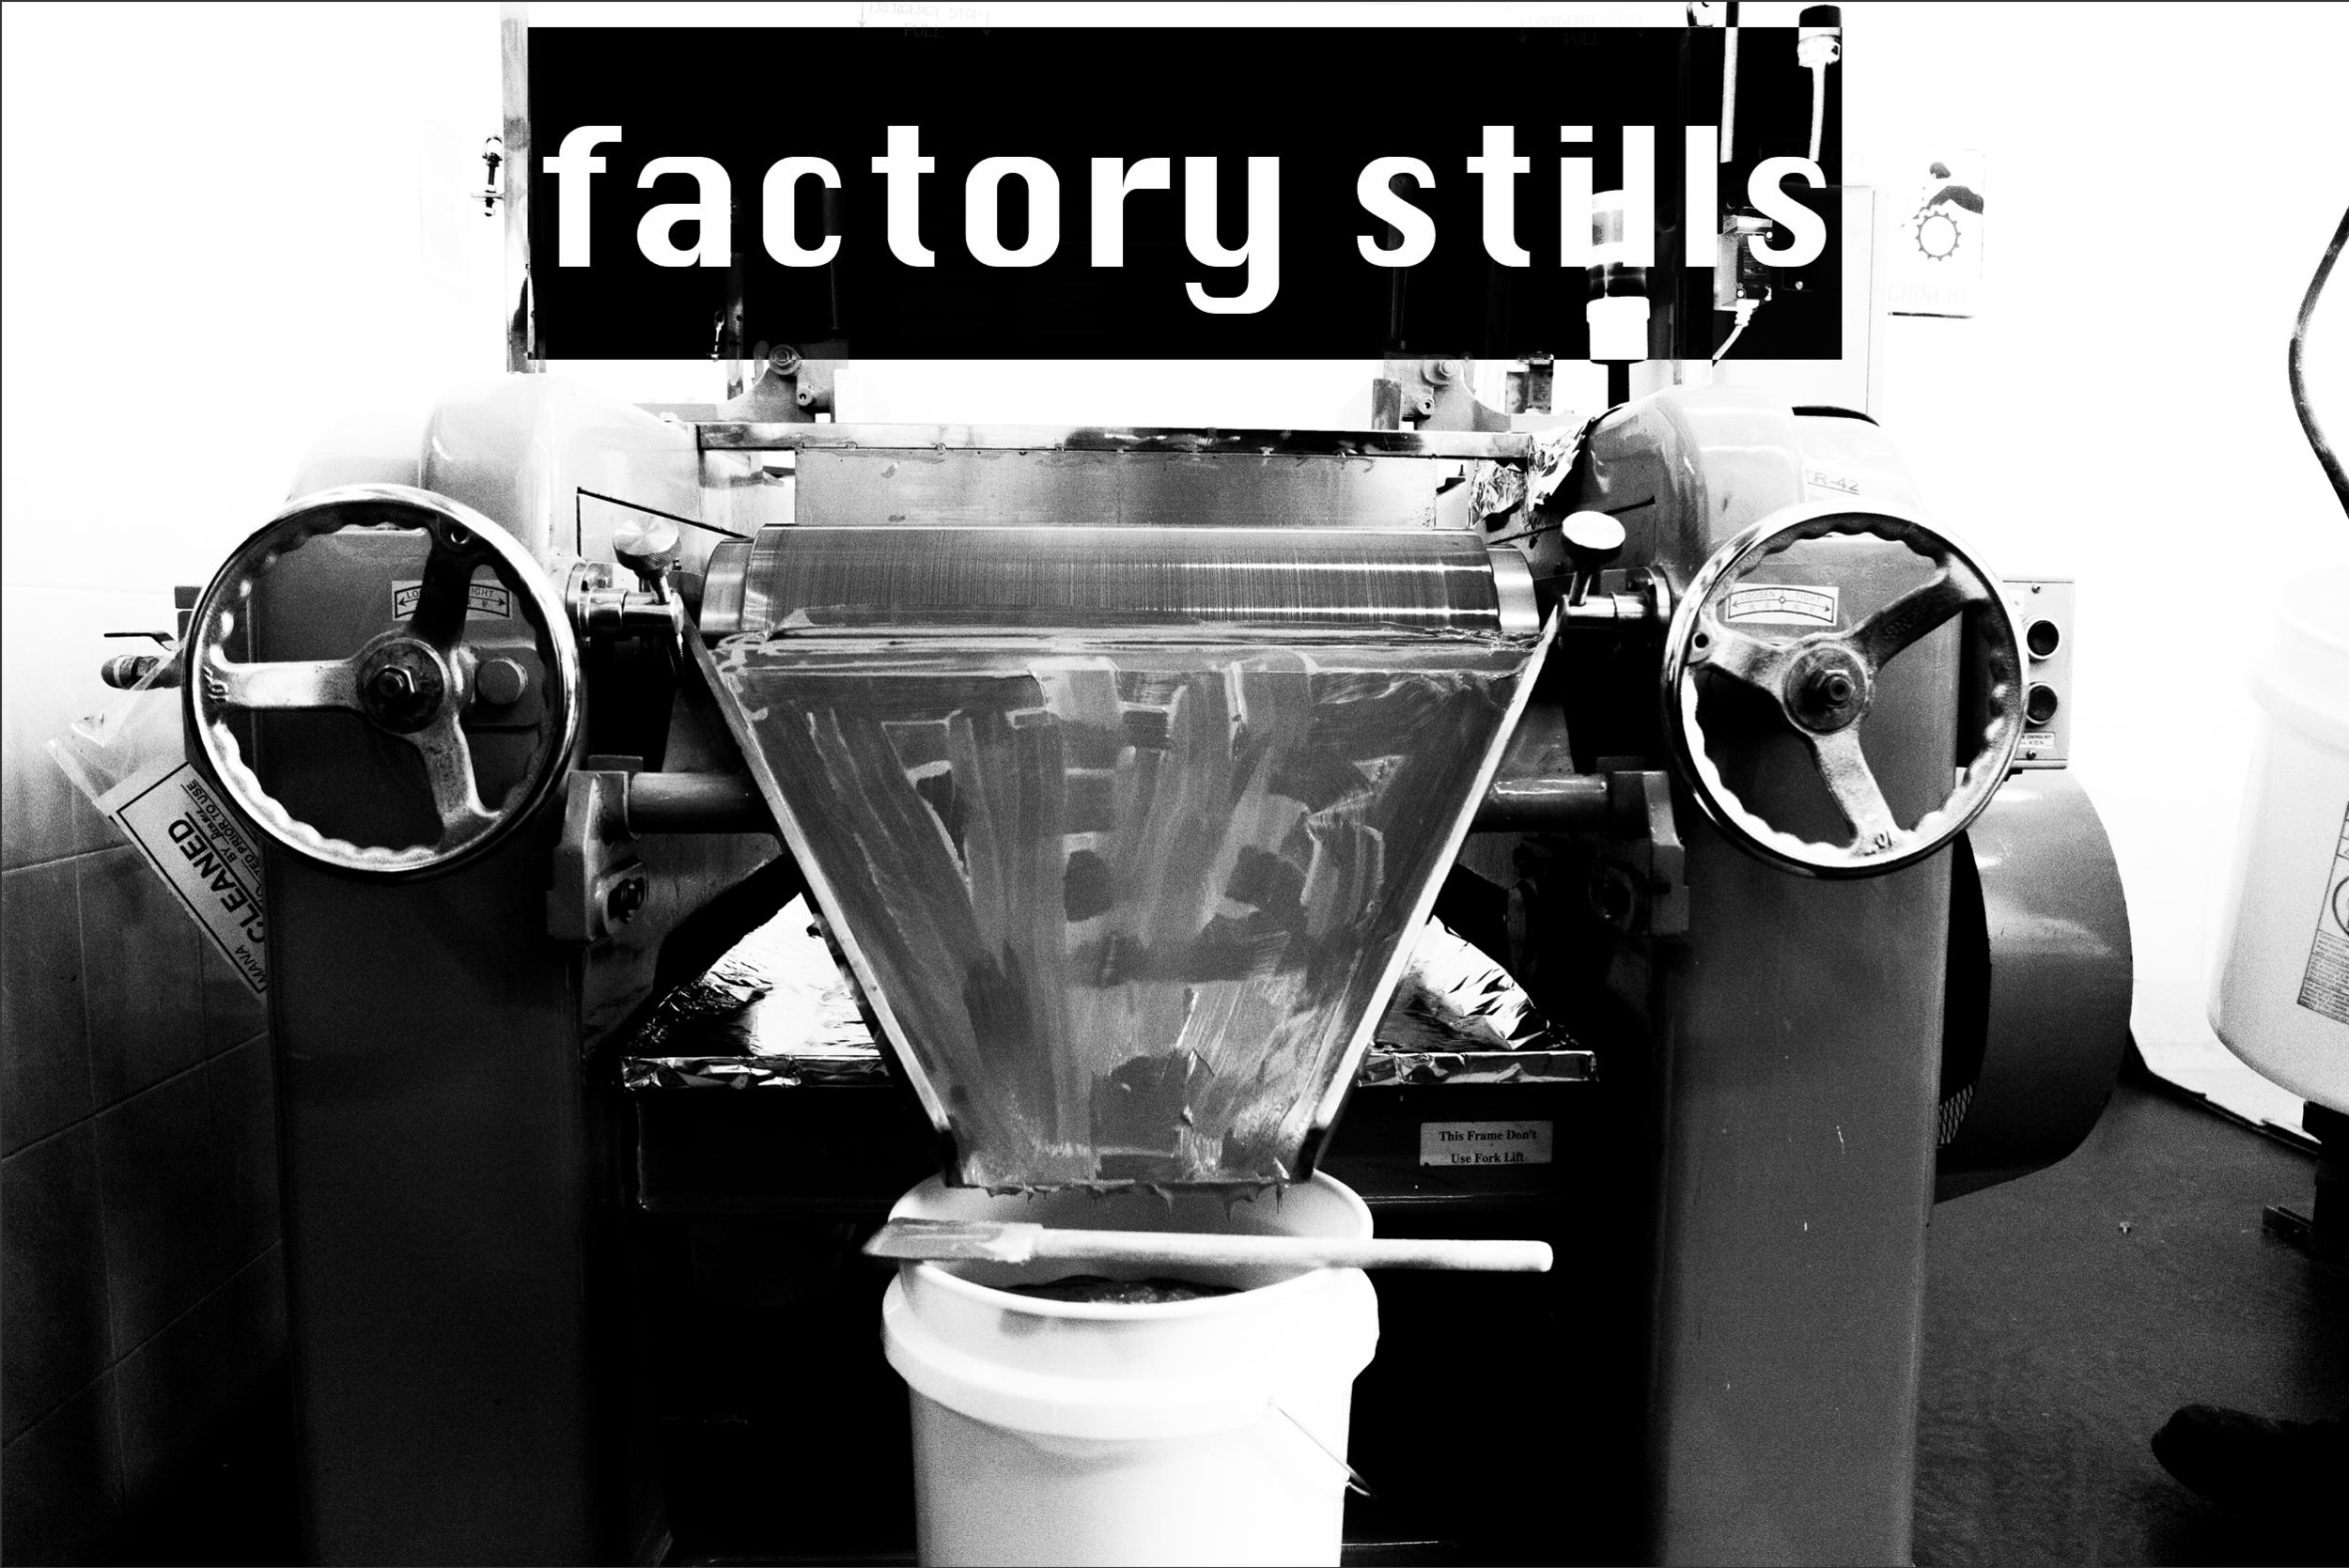 FACTORY STILLS